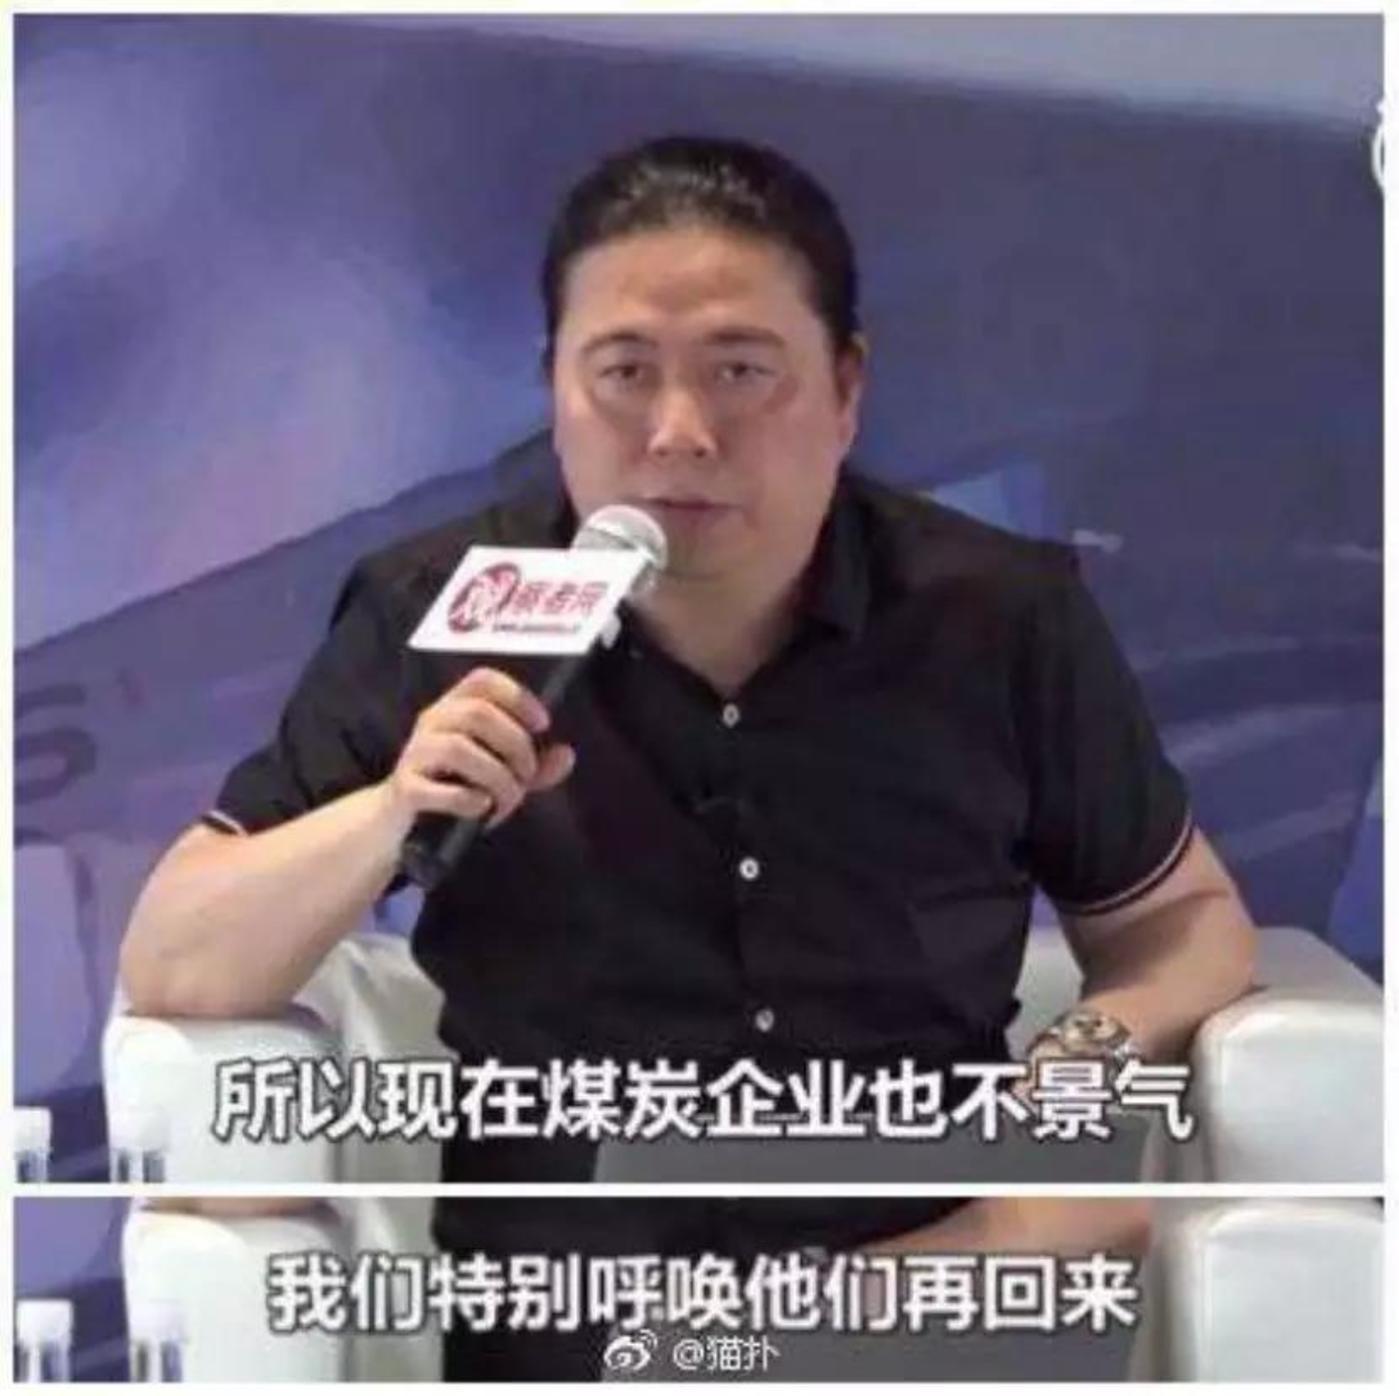 《神医喜来乐》 编剧汪海林称怀念煤老板做投资人